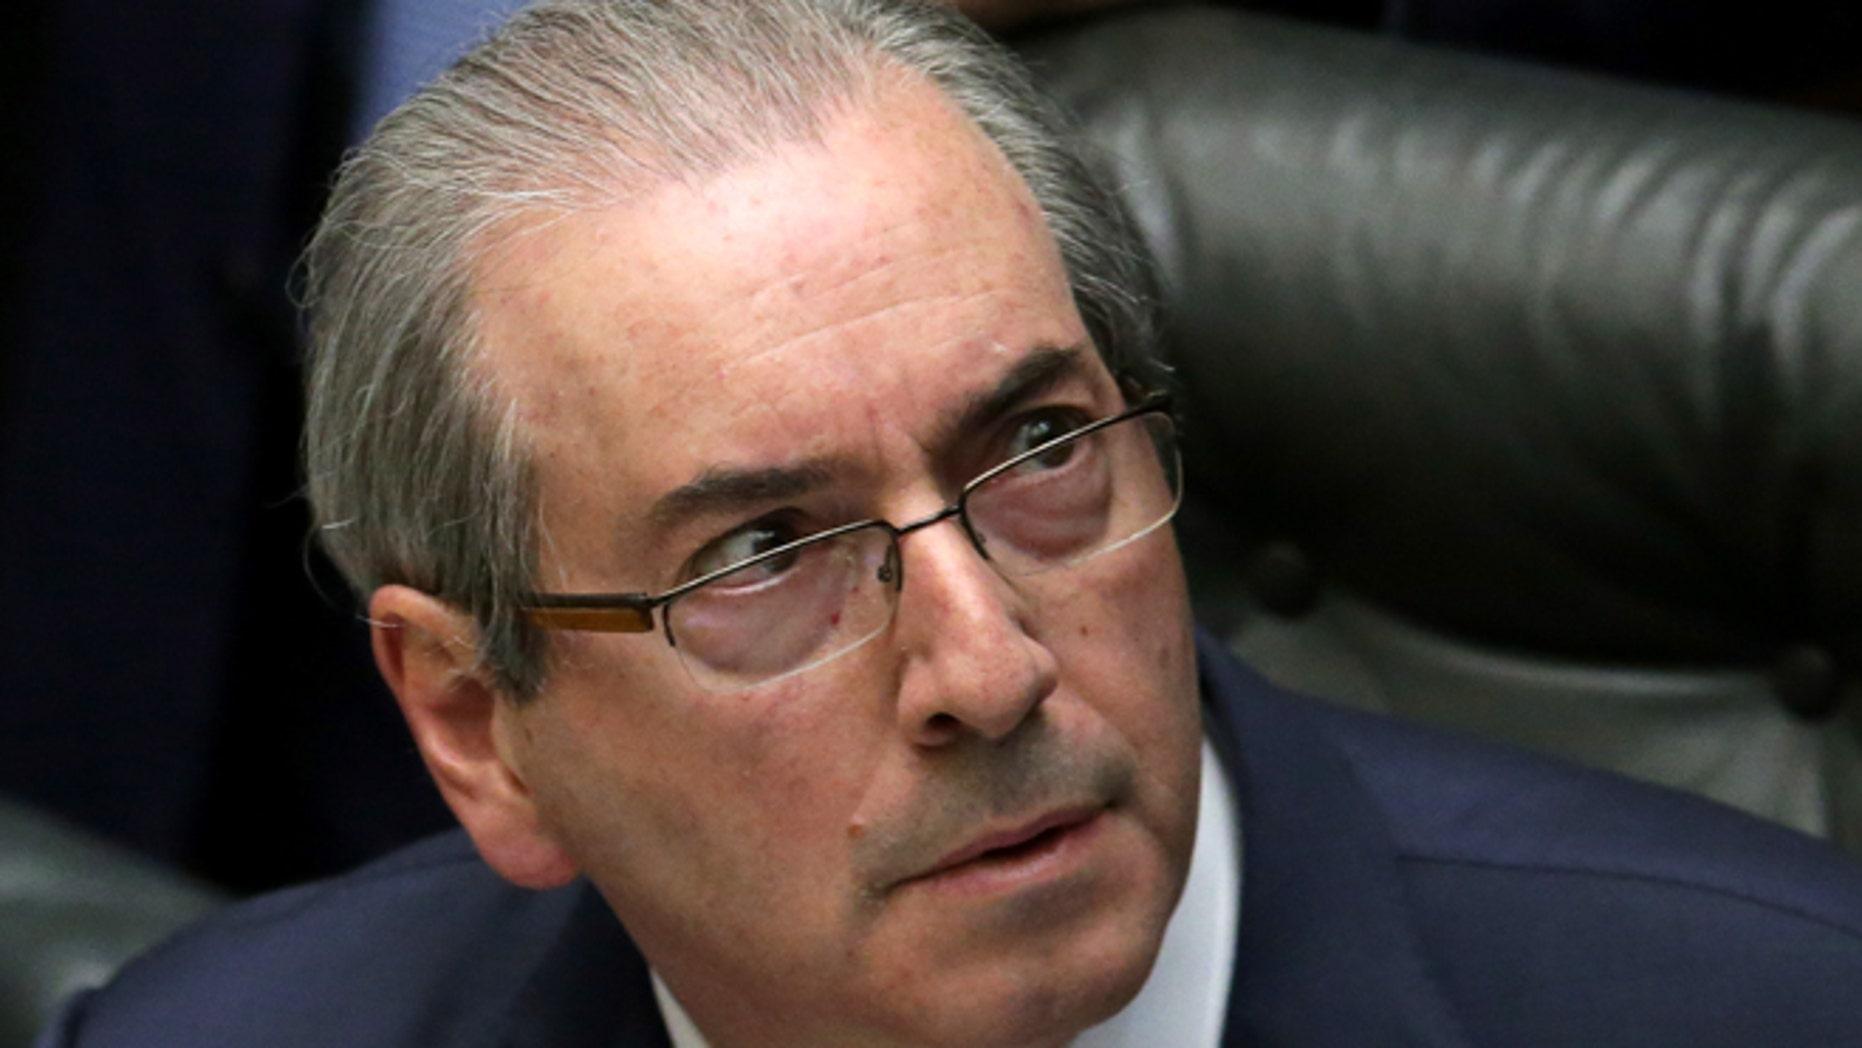 House Speaker Eduardo Cunha at the Chamber of Deputies in Brasilia, Brazil.